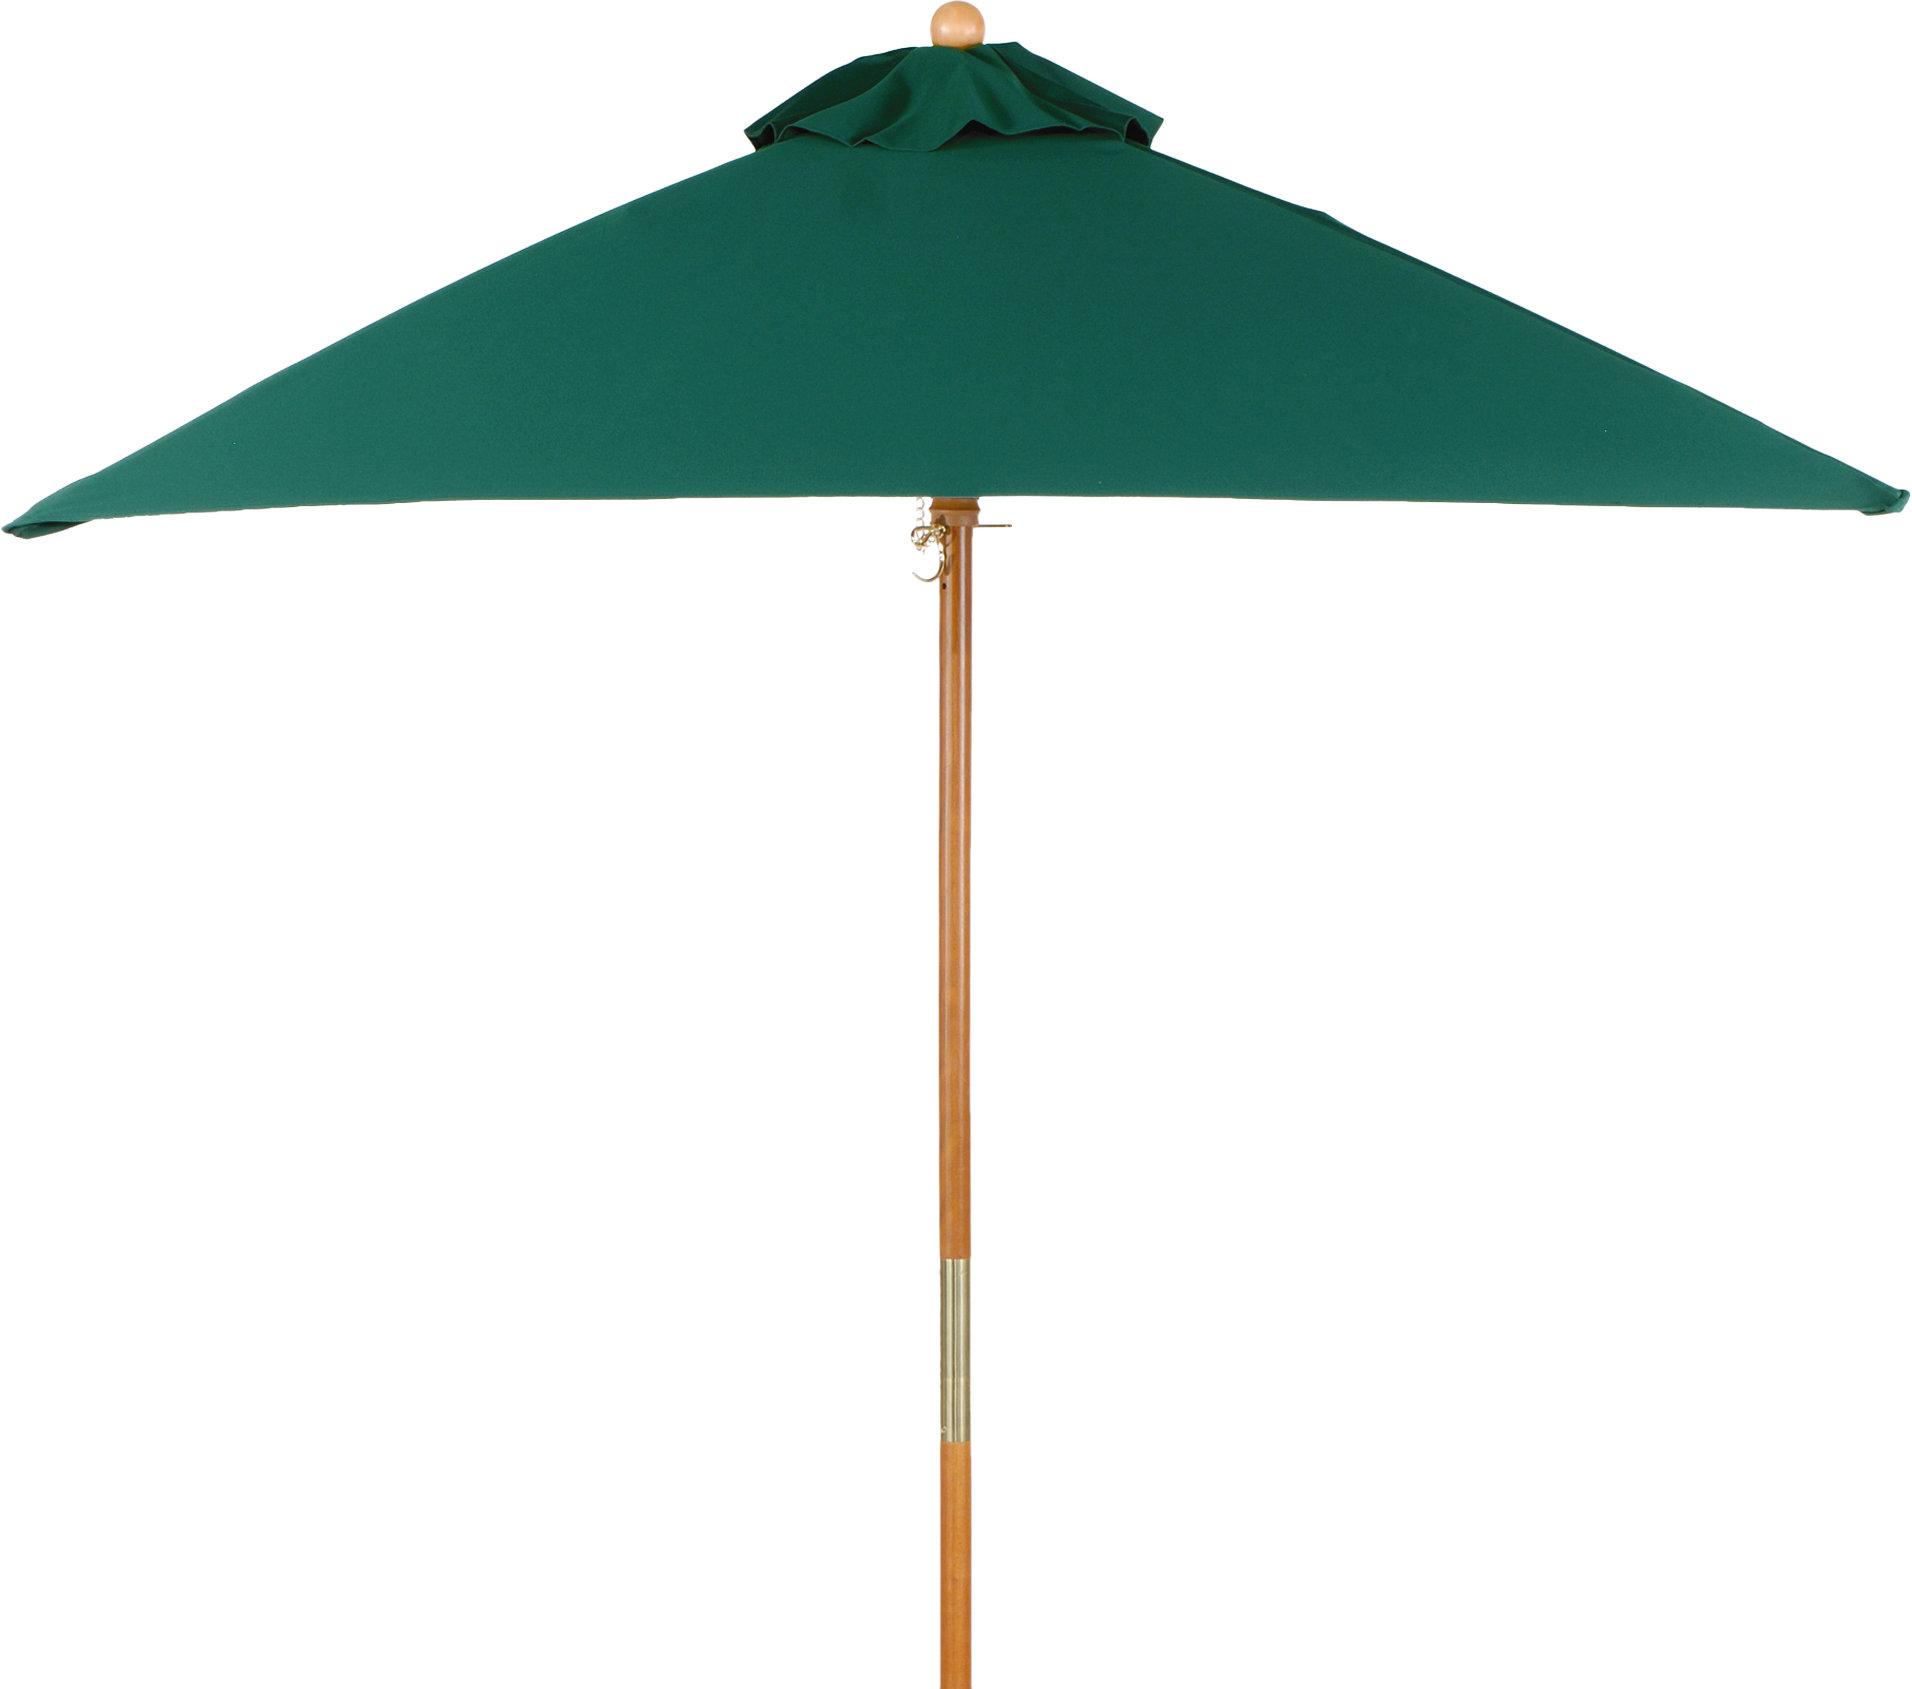 6' Oxford Square Market Umbrella With Regard To 2019 Maglione Fabric 4Cantilever Umbrellas (Gallery 12 of 20)